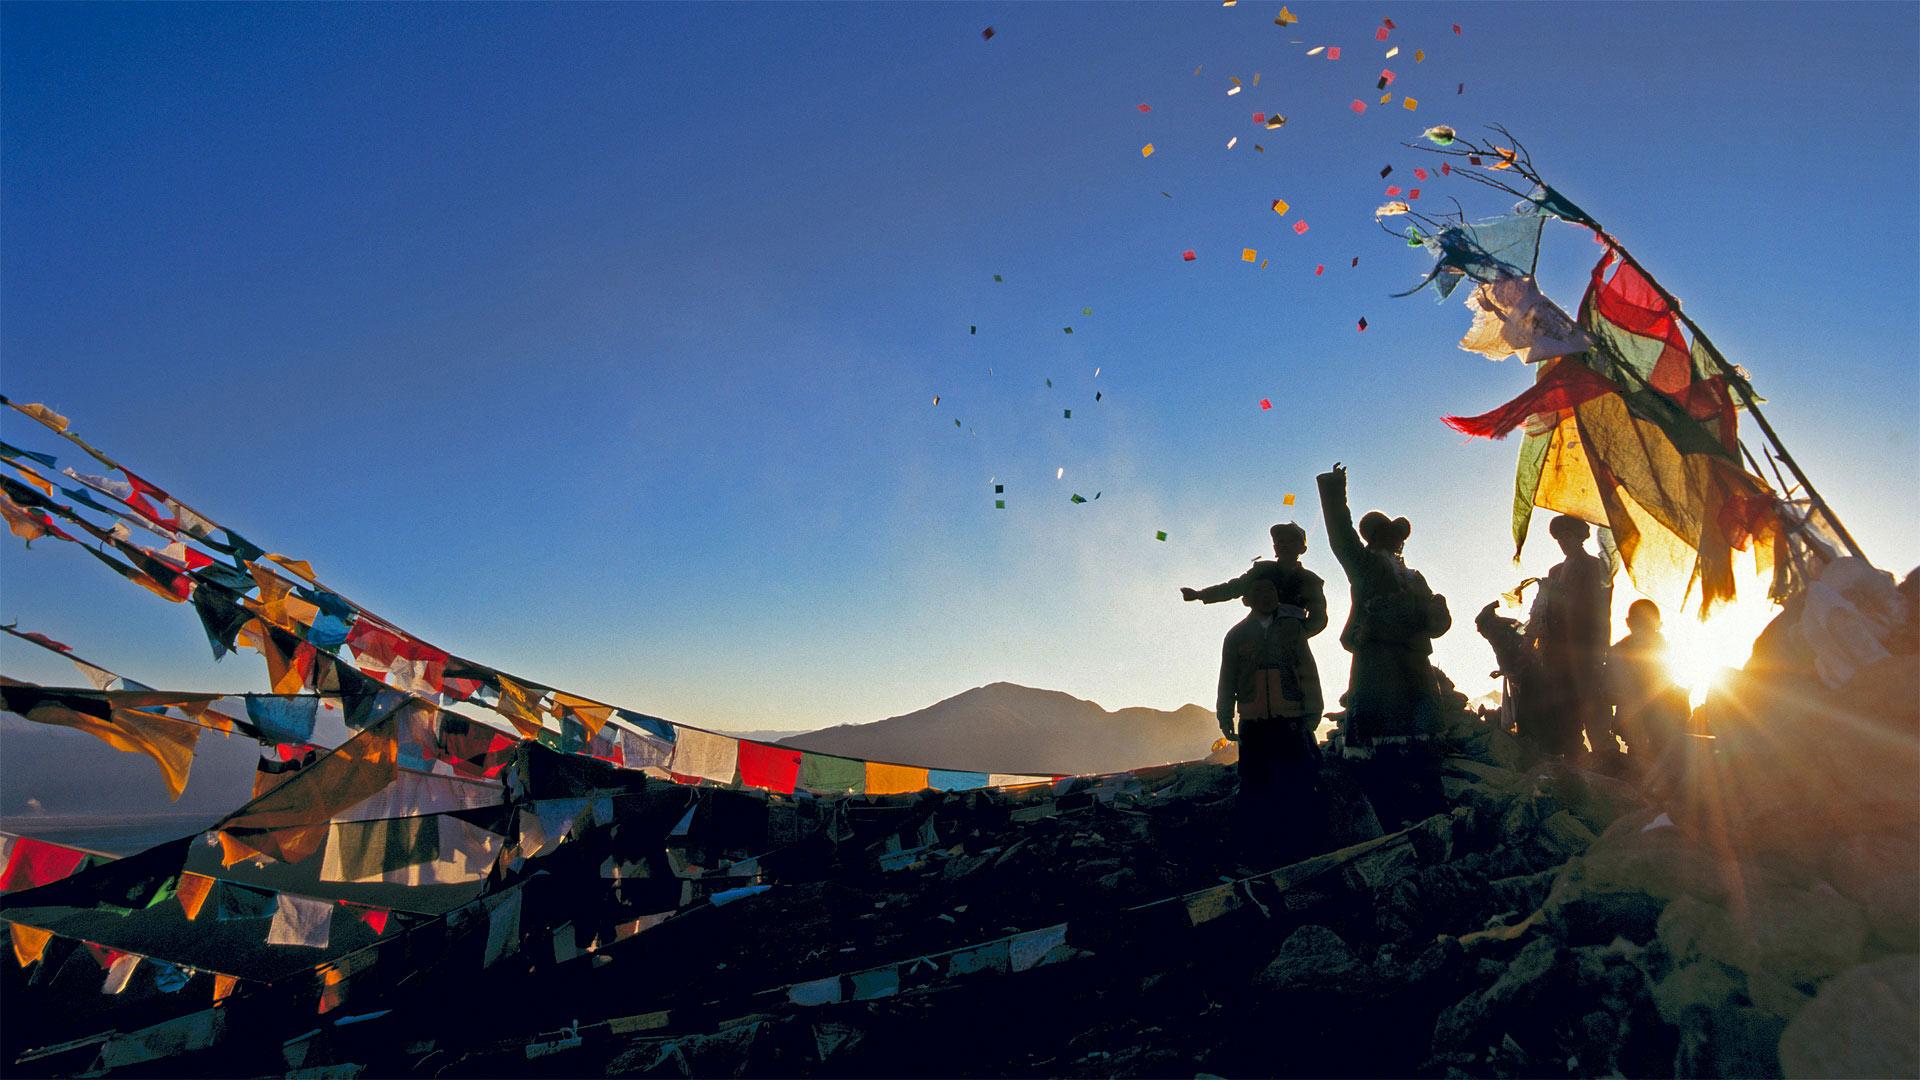 Pèlerins relâchant leurs chevaux du vent dans les airs, au-dessus du monastère de Ganden pour le Nouvel An Tibétain en Chine (© Ian Cumming/plainpicture)(Bing France)